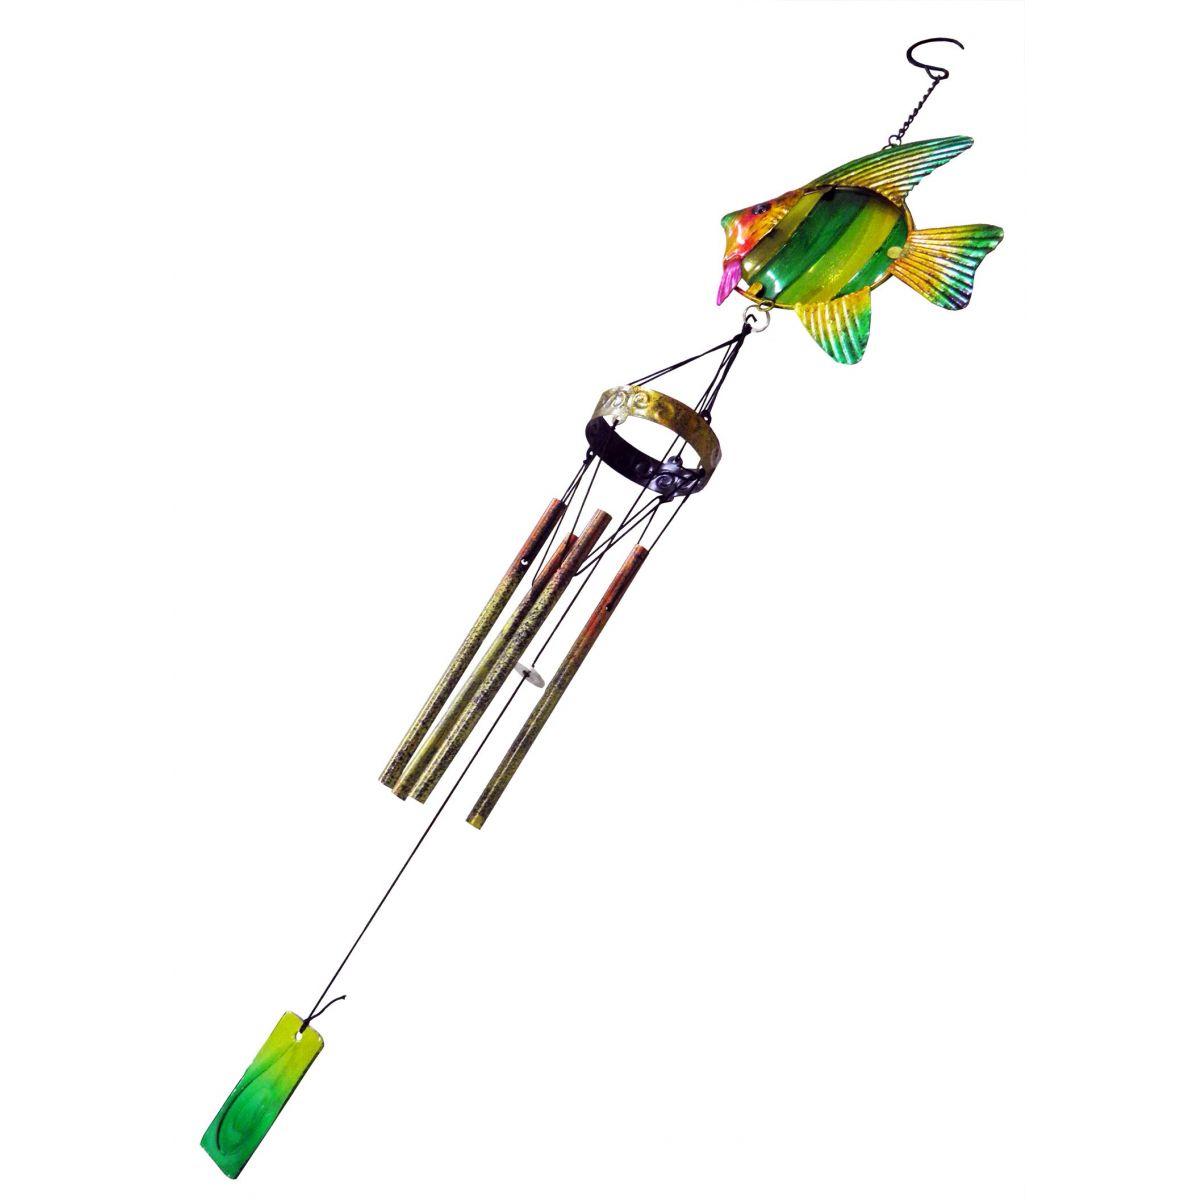 Sino Dos Ventos Relaxamento Forma de Peixe Verde Bandeira (SIN-10)